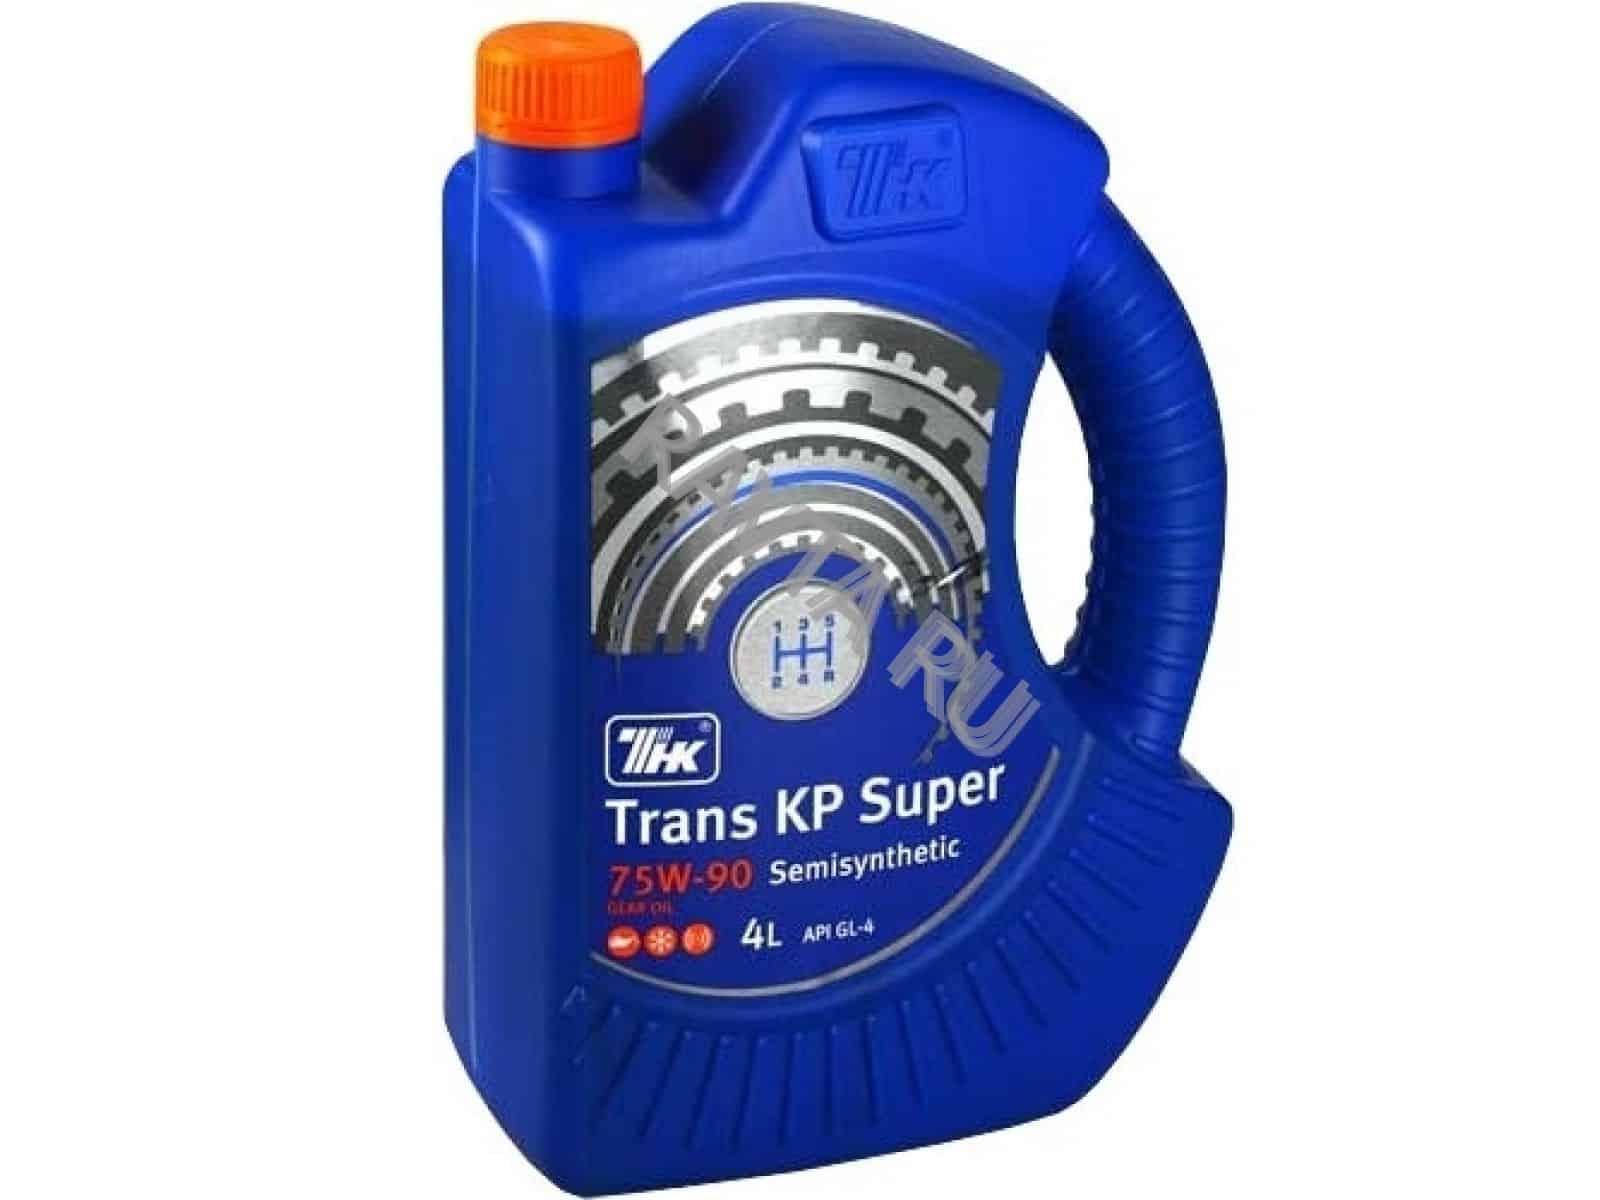 tnk-trans-kp-super-75w90